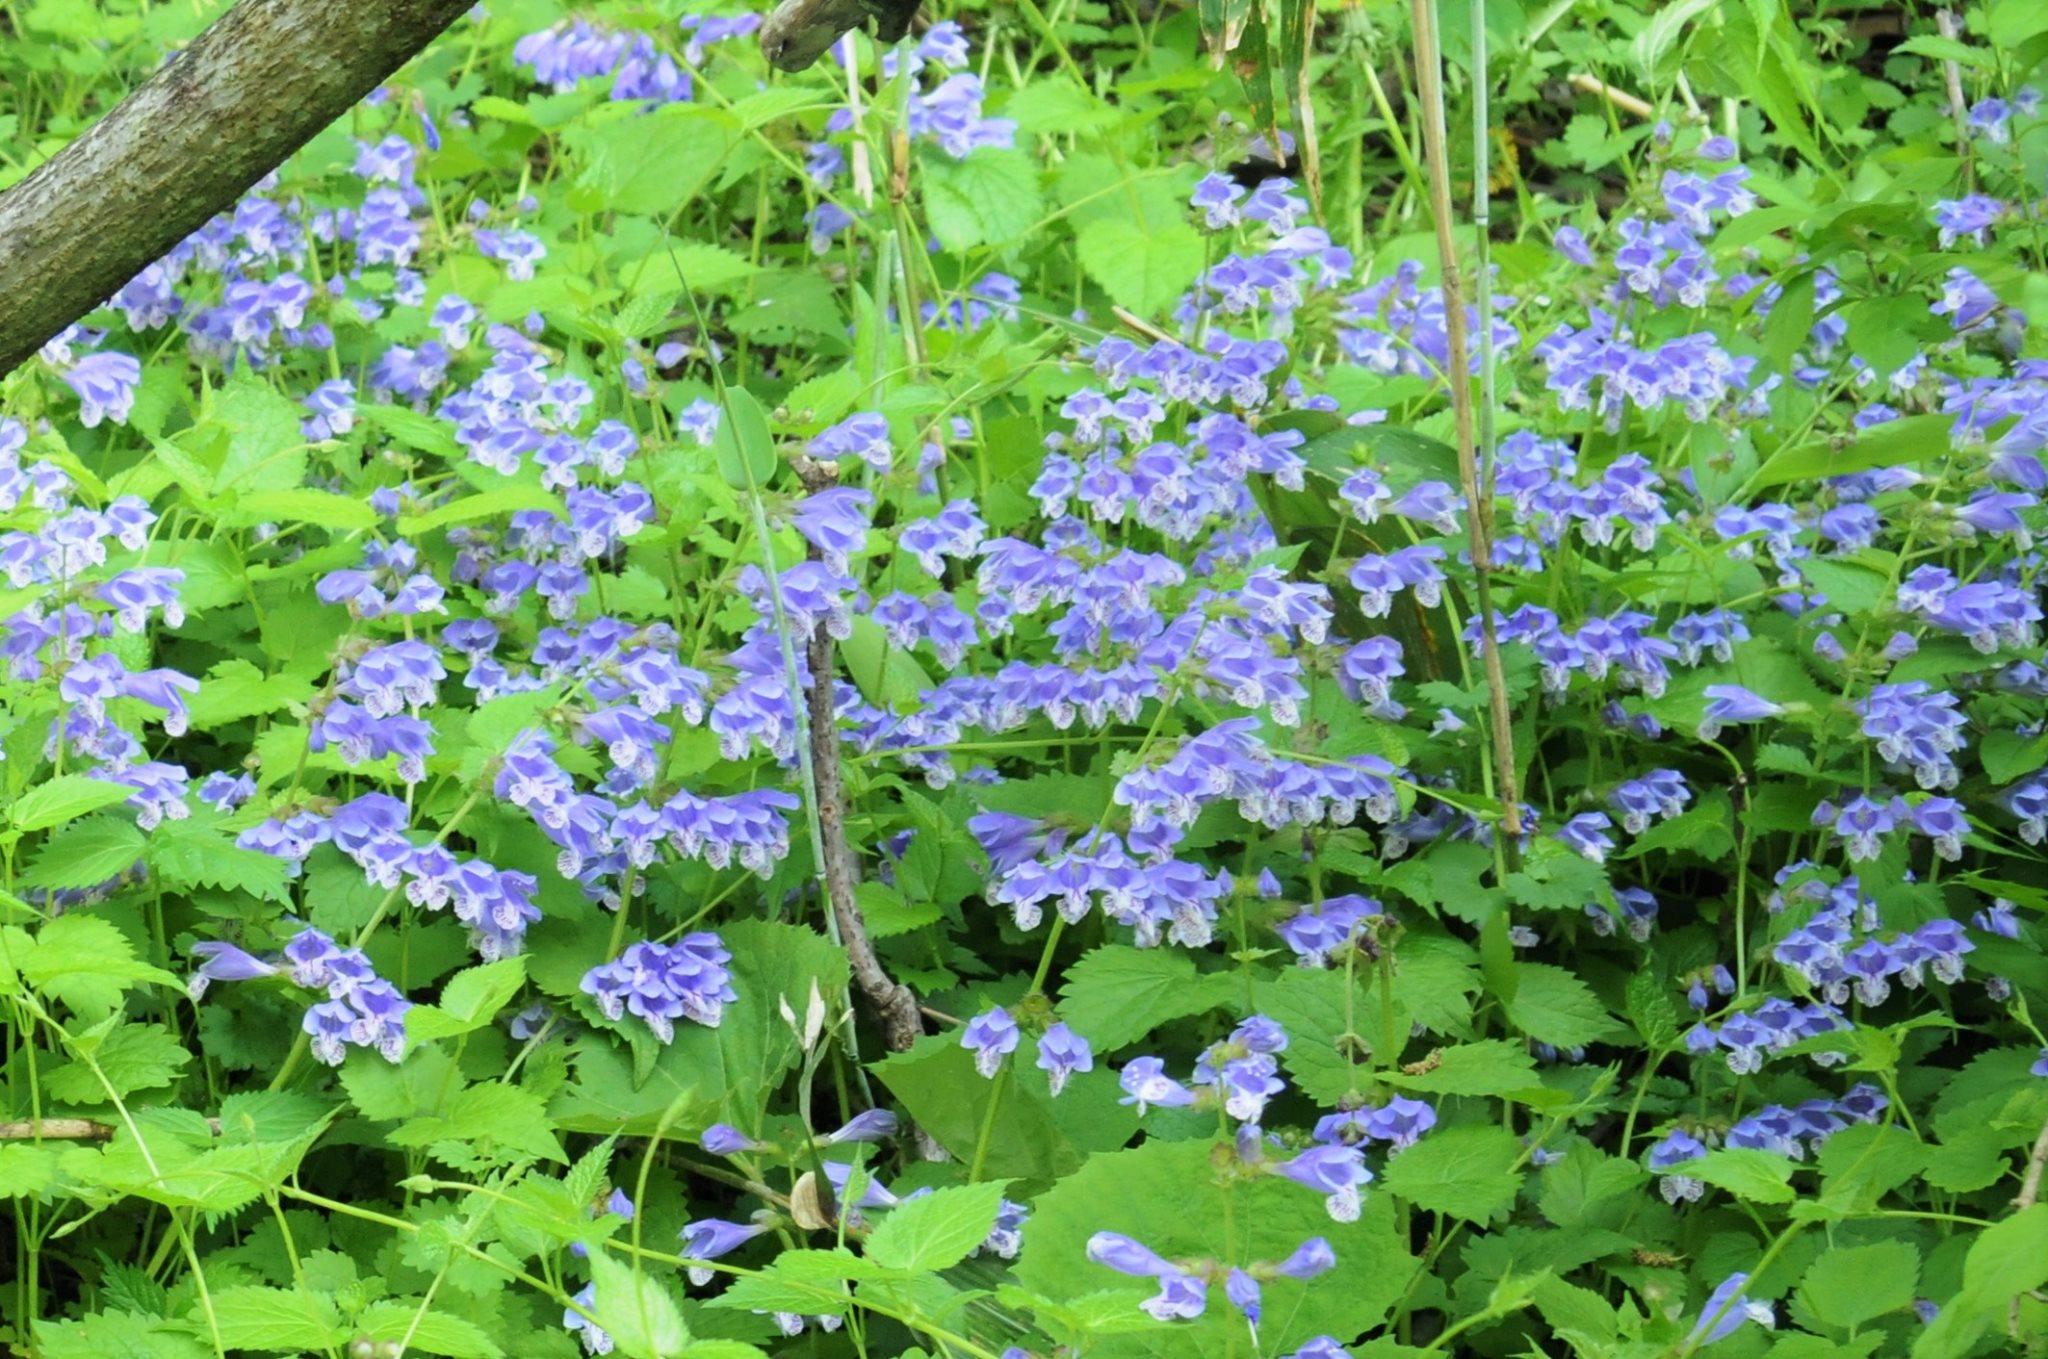 200508ラショウモンカズラ(濃青色で袋状が特徴)